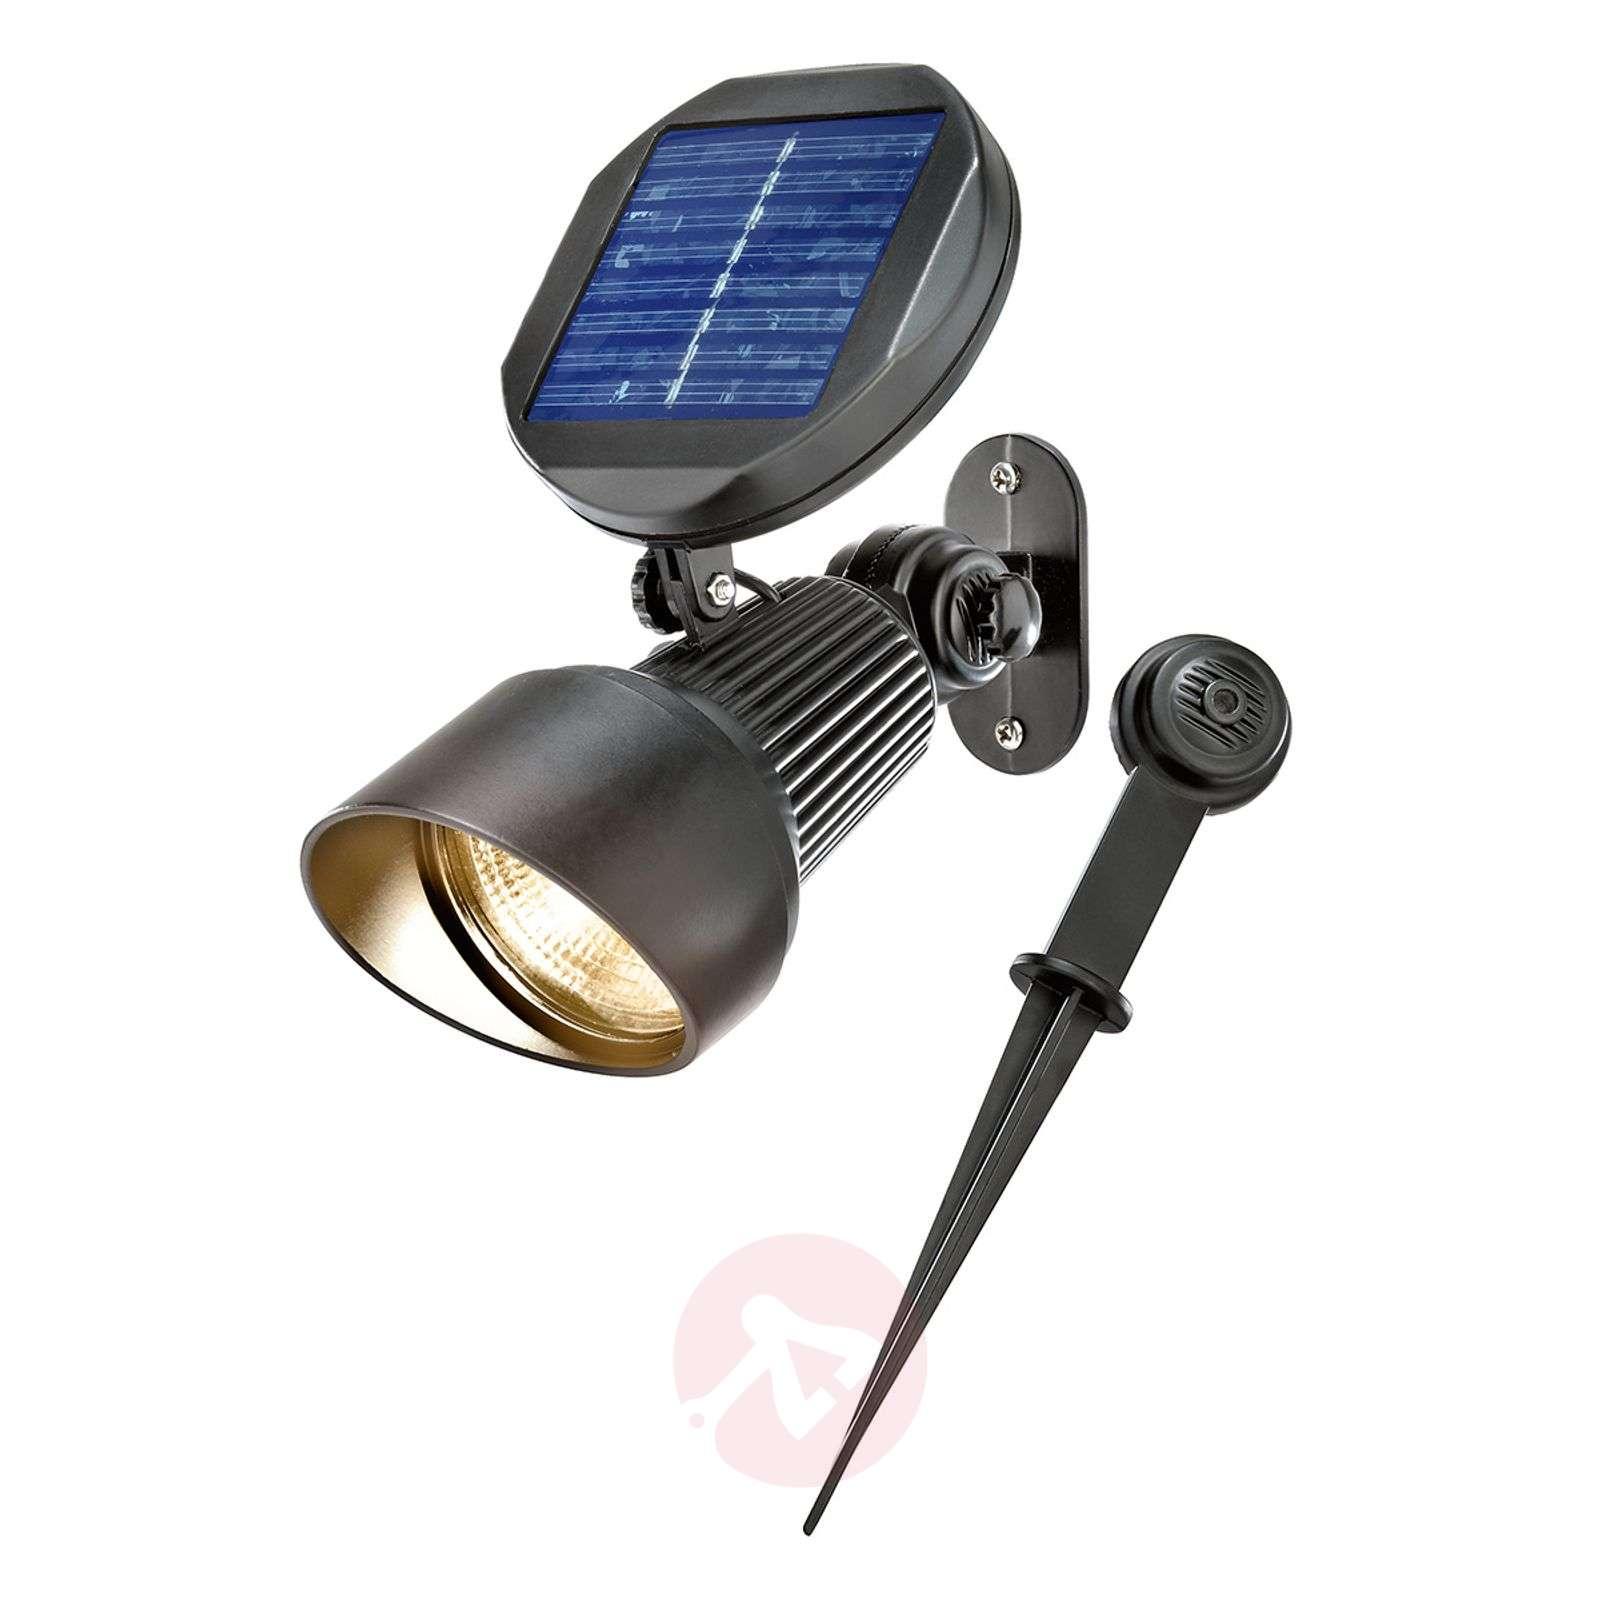 Solar light Spotlight with warm white LED lighting-3012543-01